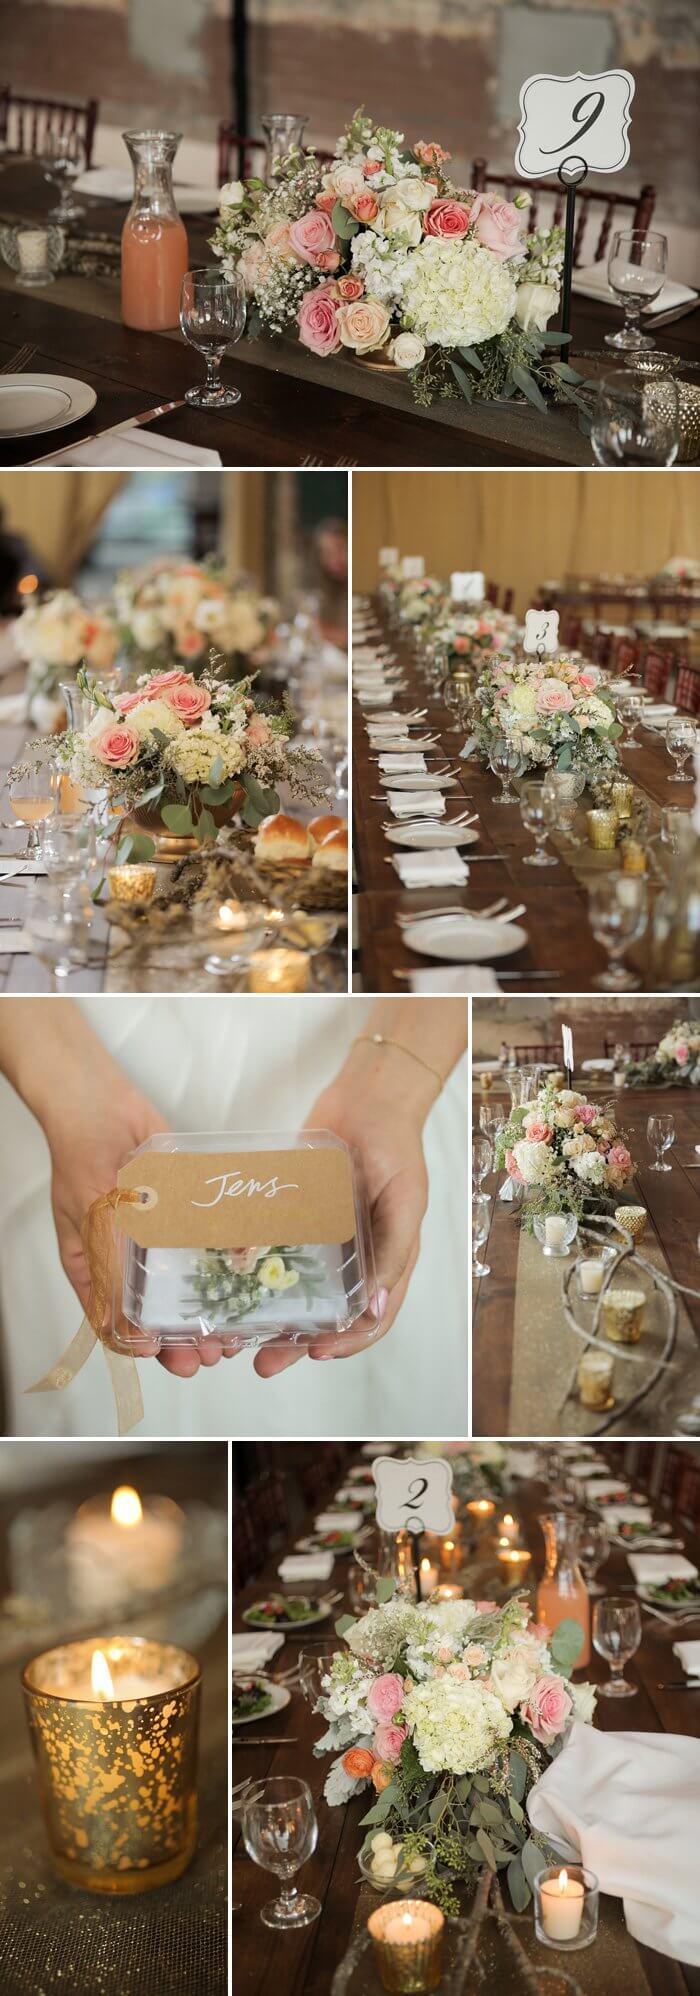 Rustikale Hochzeit Im Landhausstil Fotostory Mit Tollen Ideen Fur